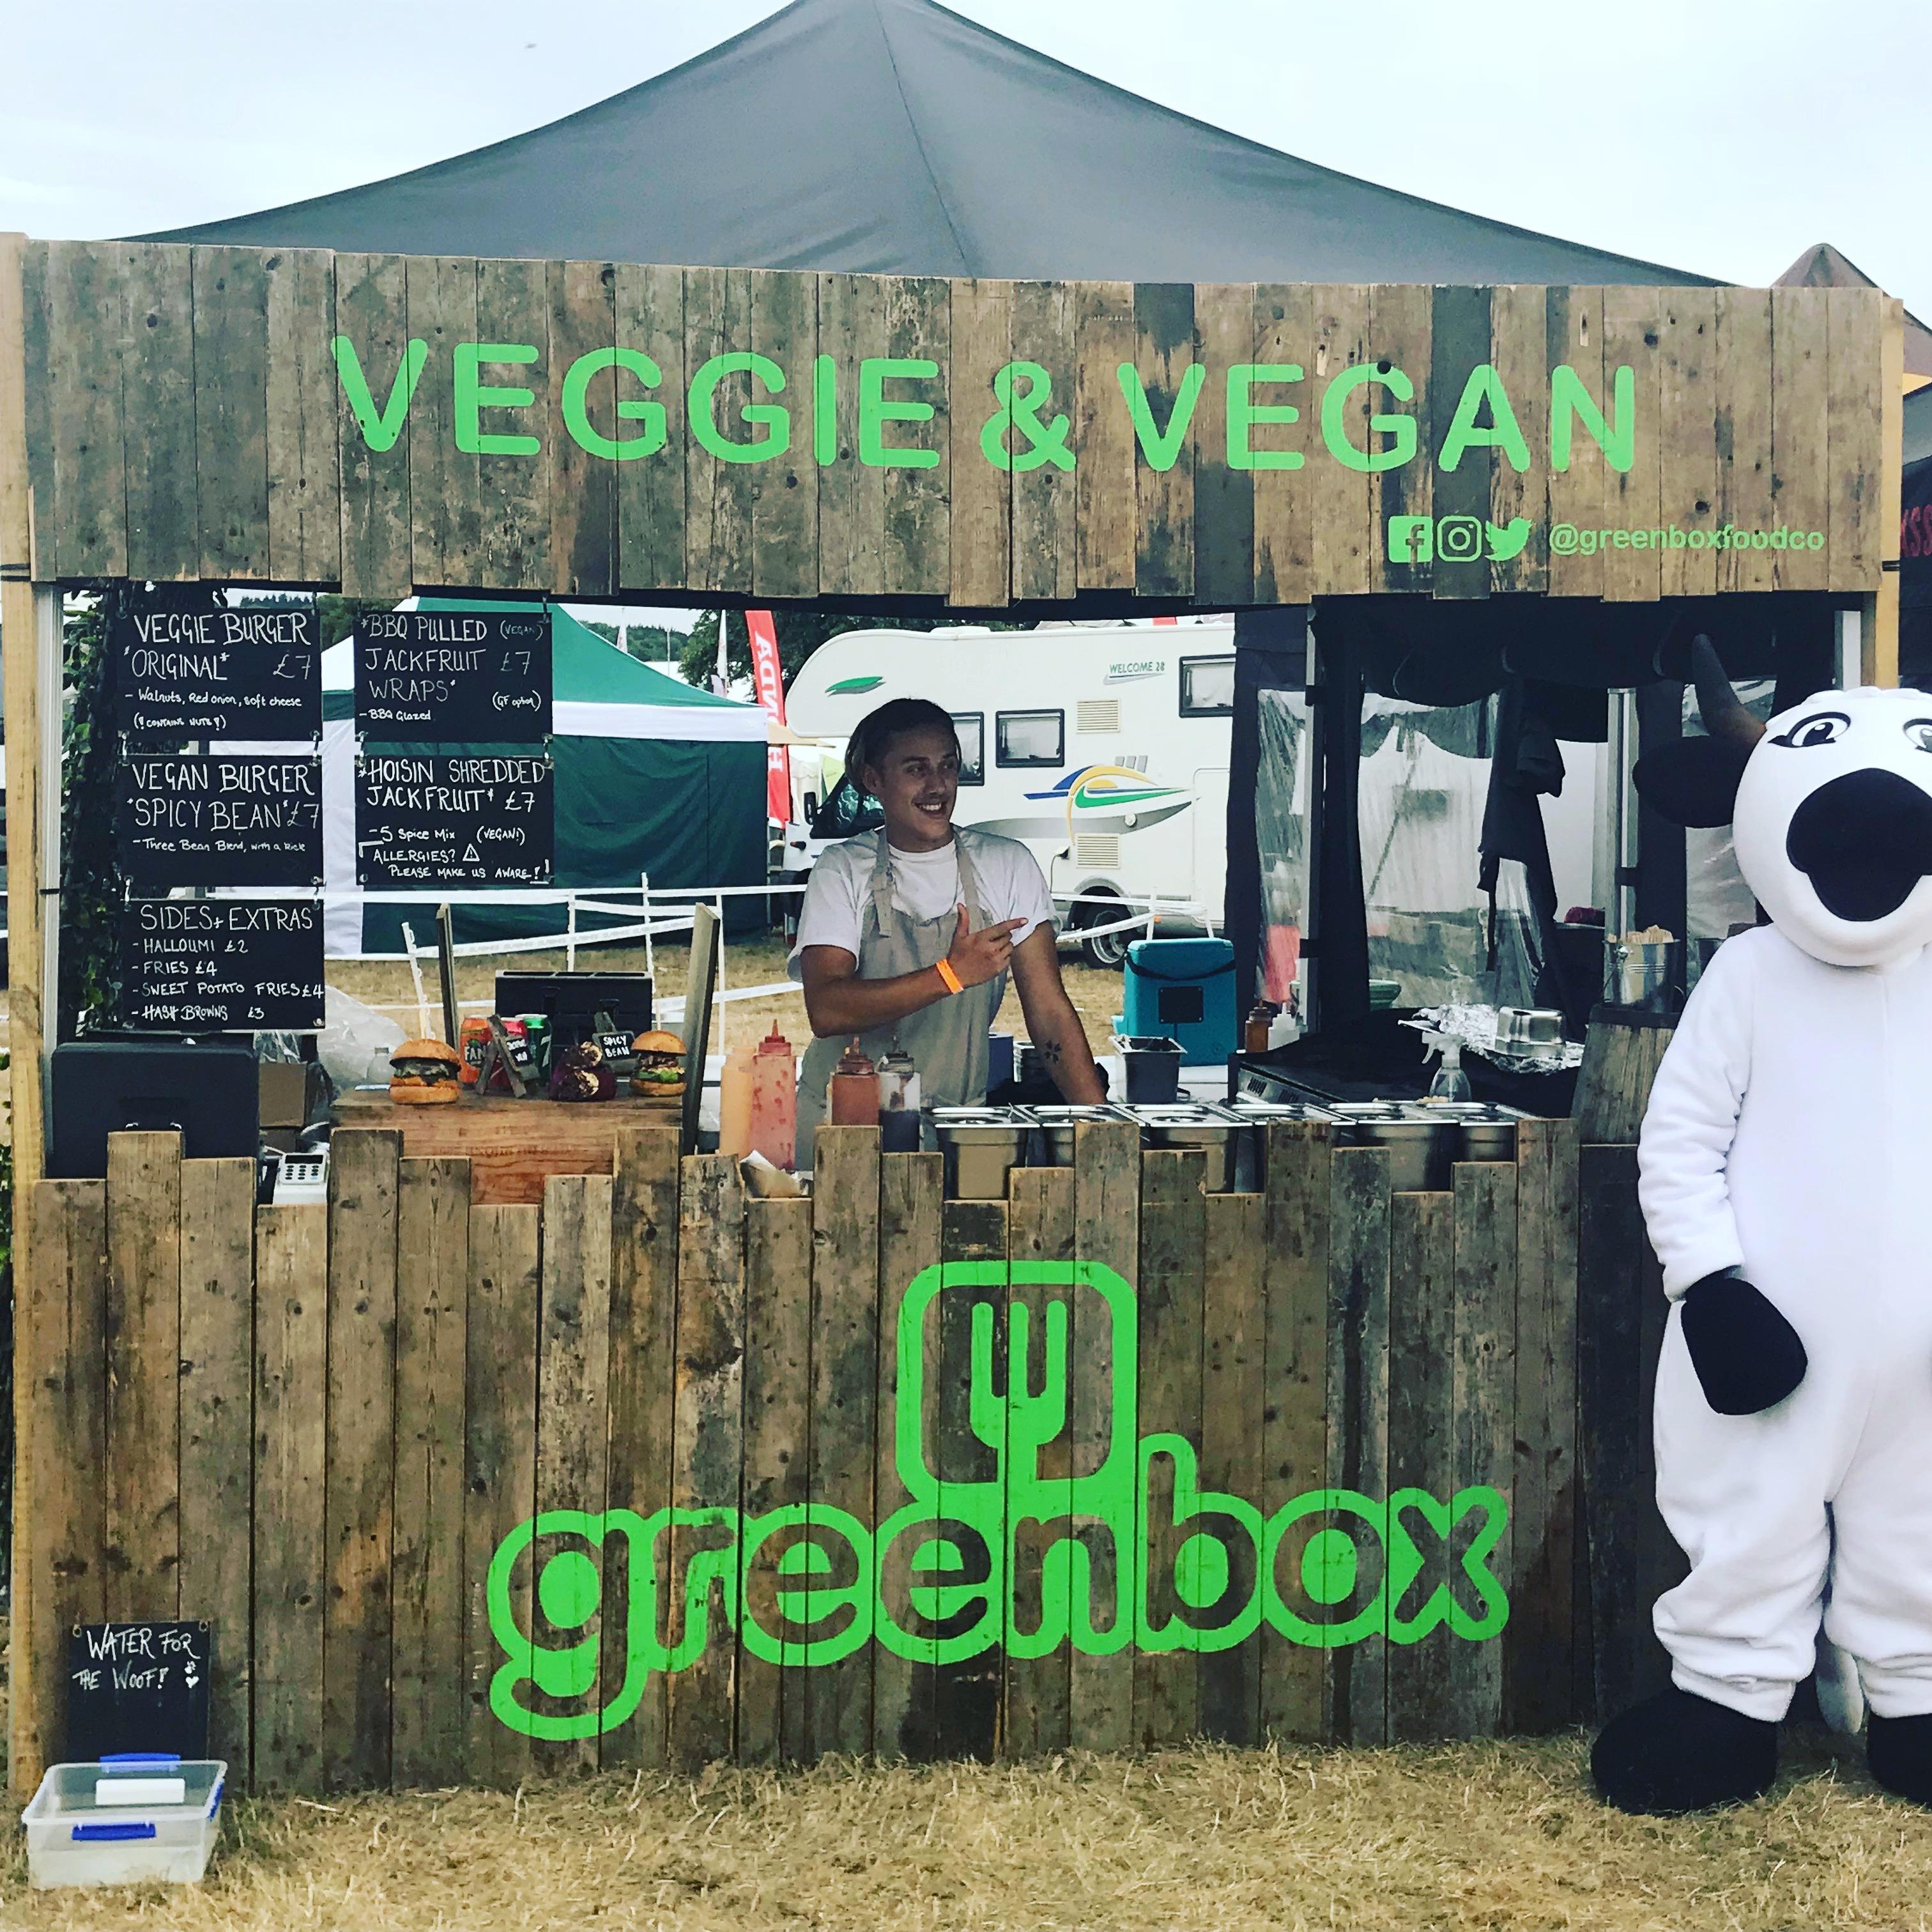 Greenbox, Food Market